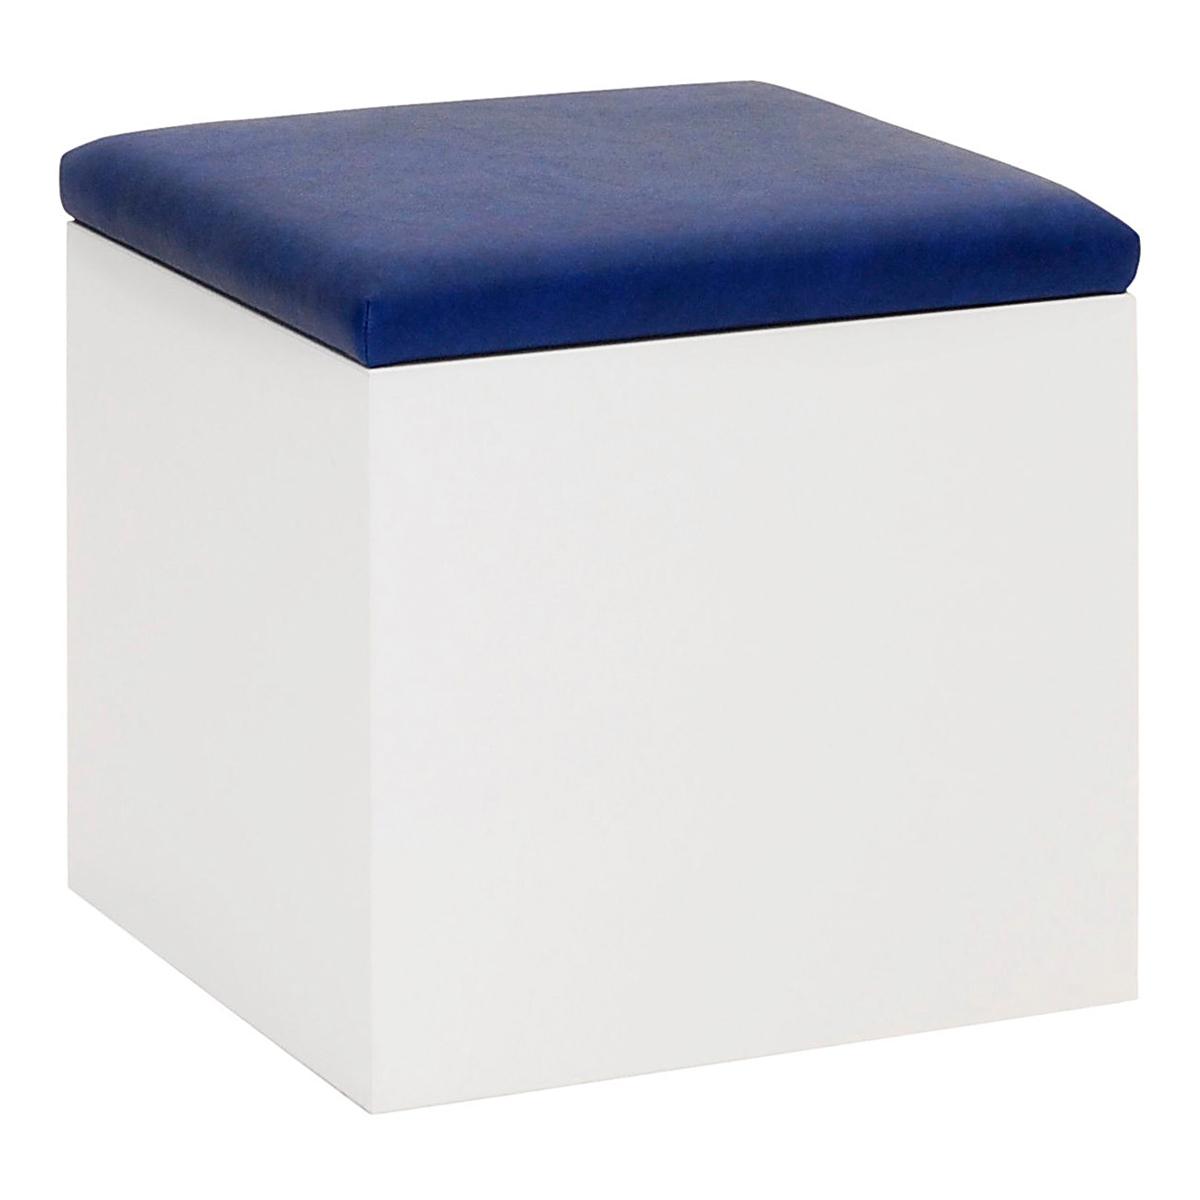 Hocker Cubus, weiß-blau